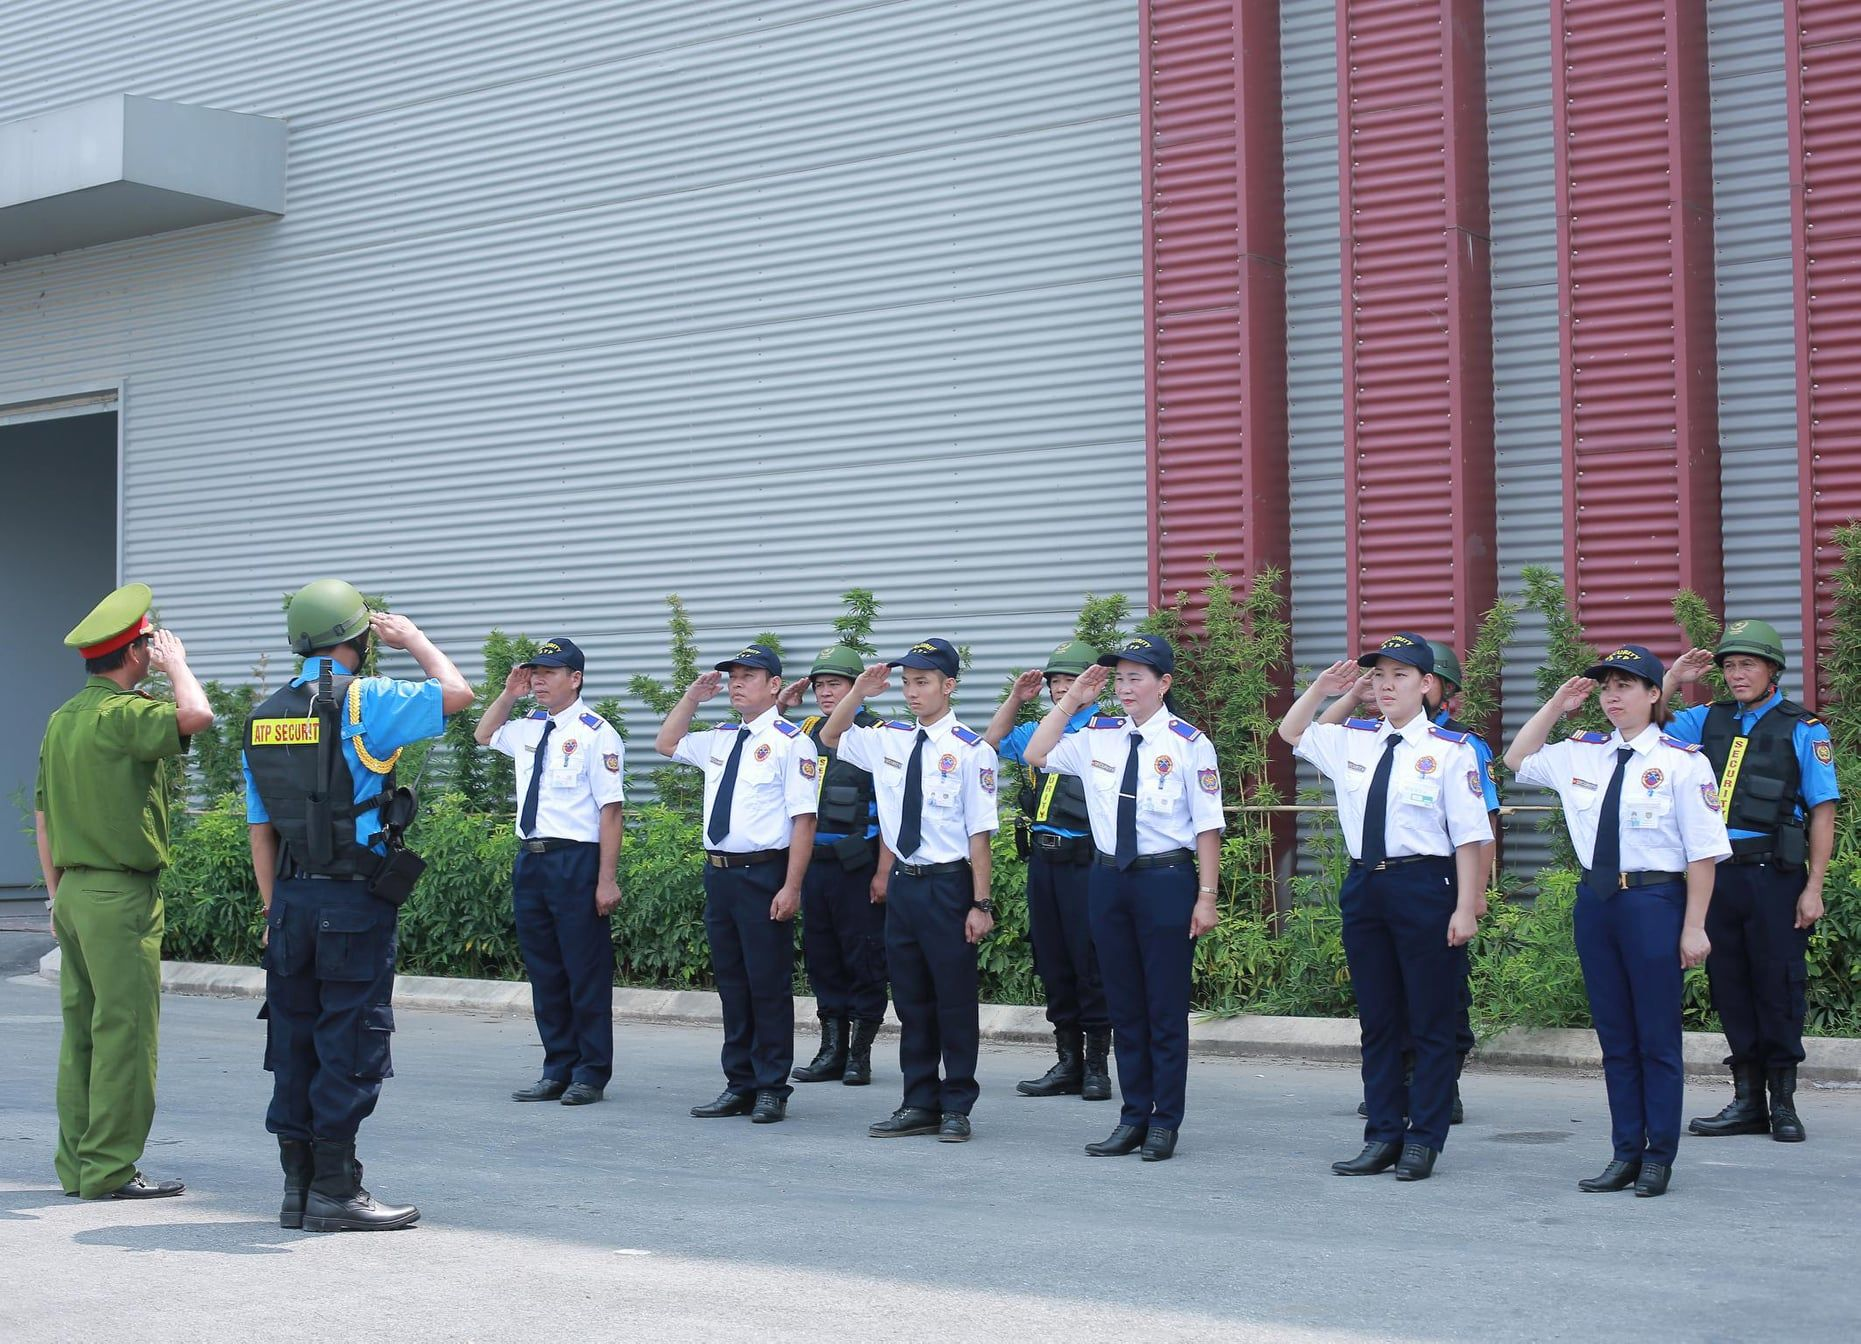 Tìm việc làm nhân viên an ninh tòa nhà, tuyển dụng nhân viên an ninh tòa nhà, bảo vệ khu đô thị Times Gadern - Vĩnh Yên. Công ty bảo vệ Vĩnh Phúc có chỗ ở: